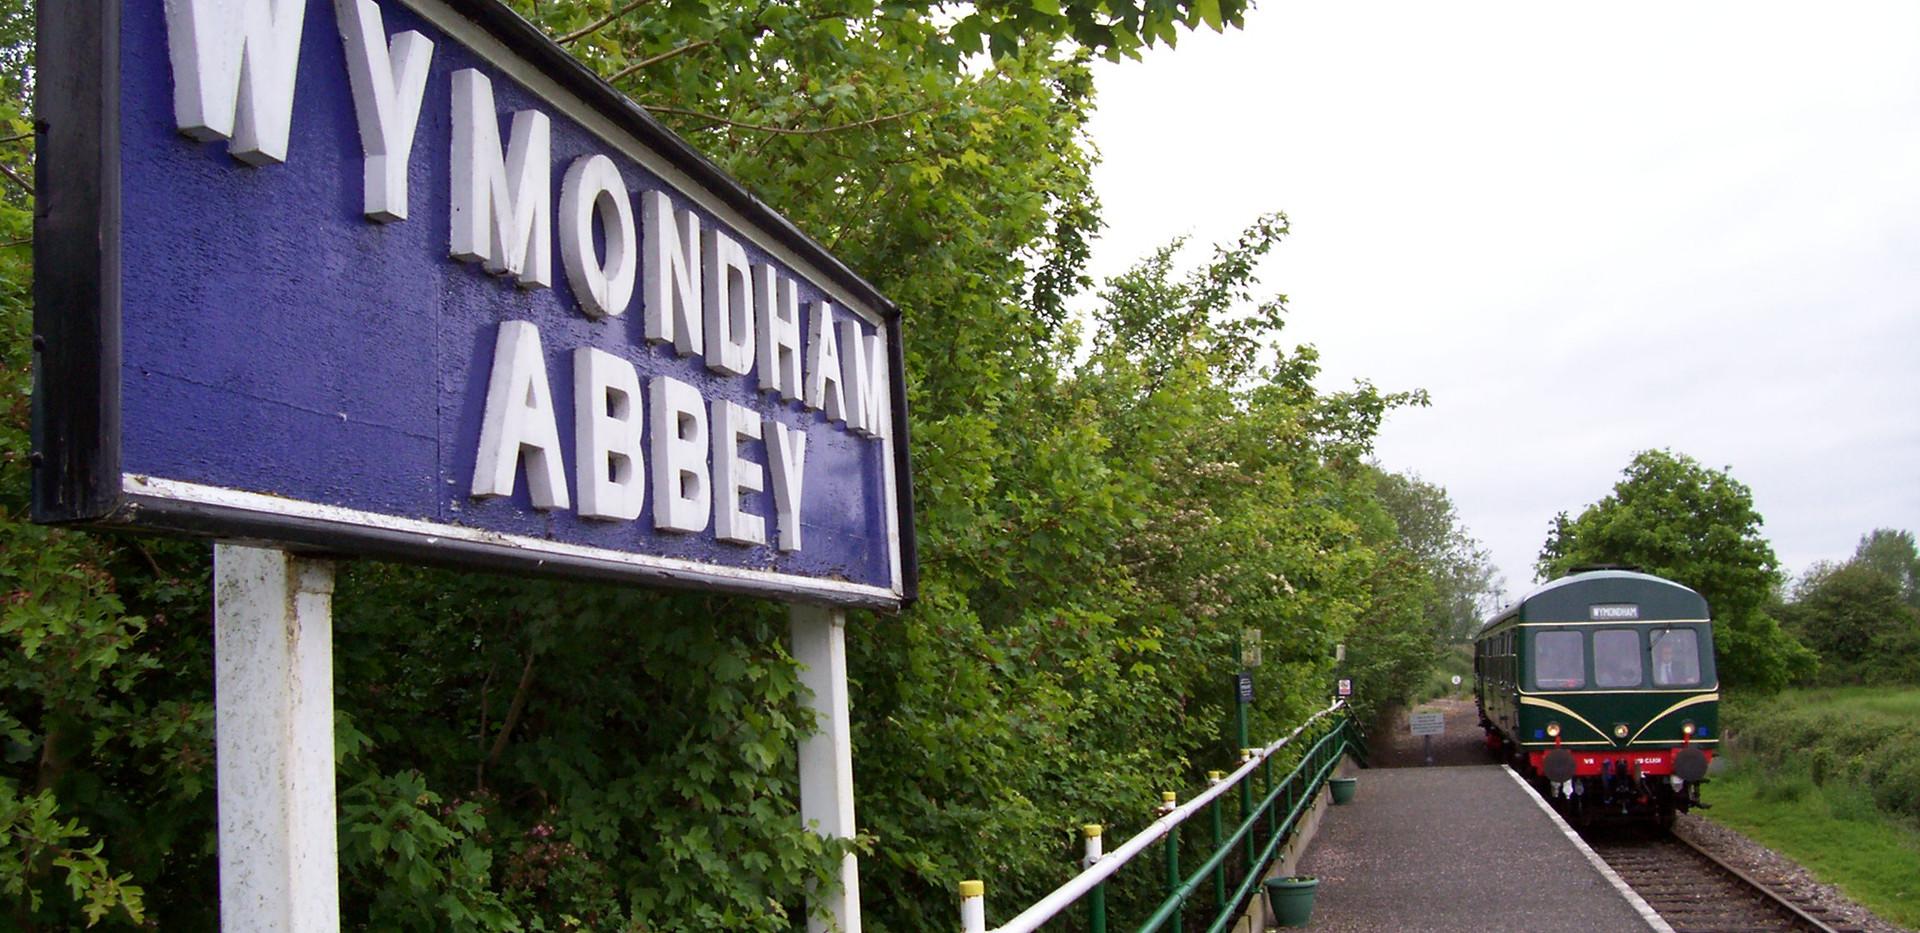 Wymondham Abbey Station